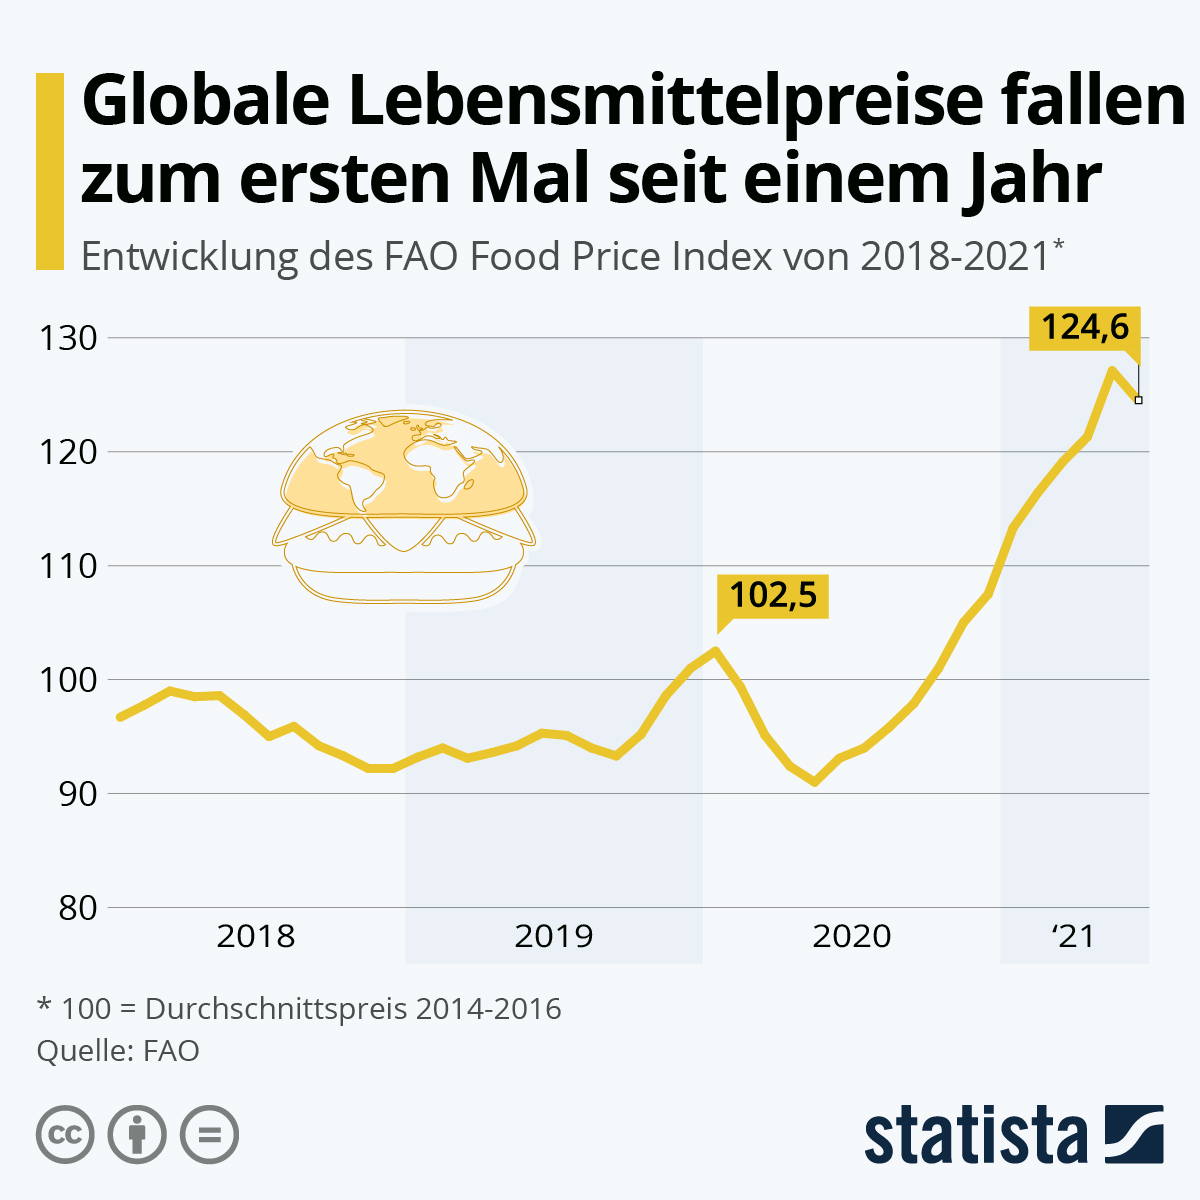 Infografik: Globale Lebensmittelpreise fallen zum ersten Mal seit einem Jahr | Statista